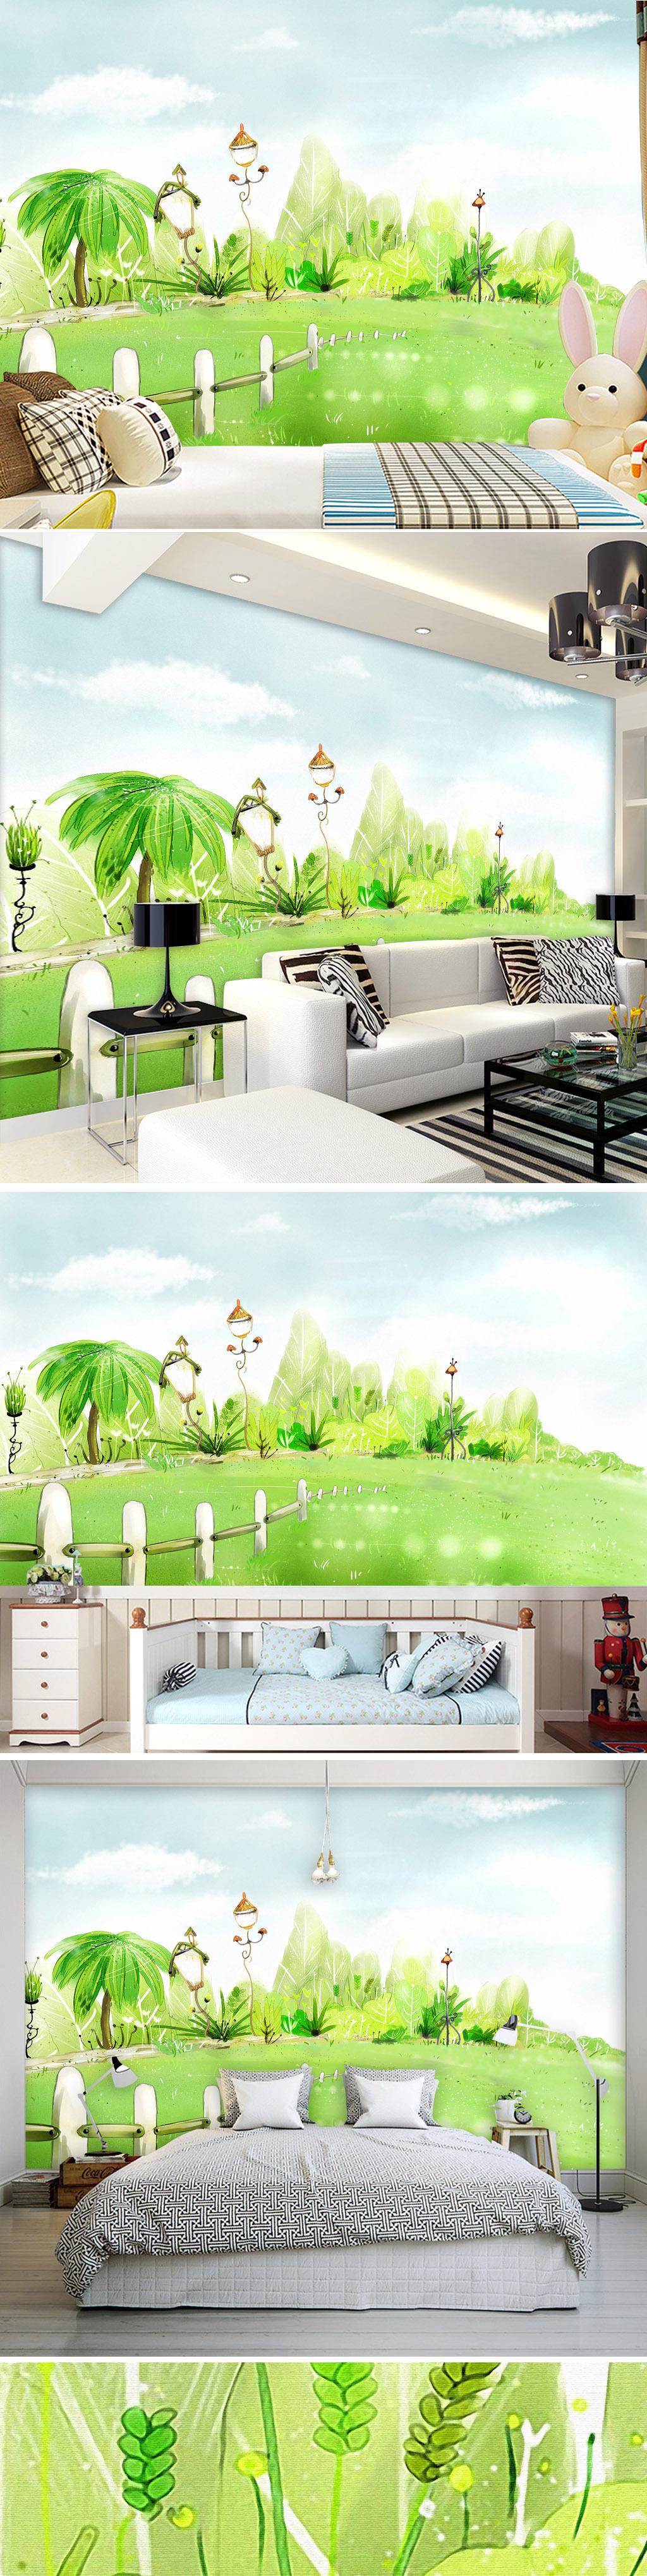 背景墙|装饰画 电视背景墙 手绘电视背景墙 > 青青草地手绘唯美韩版